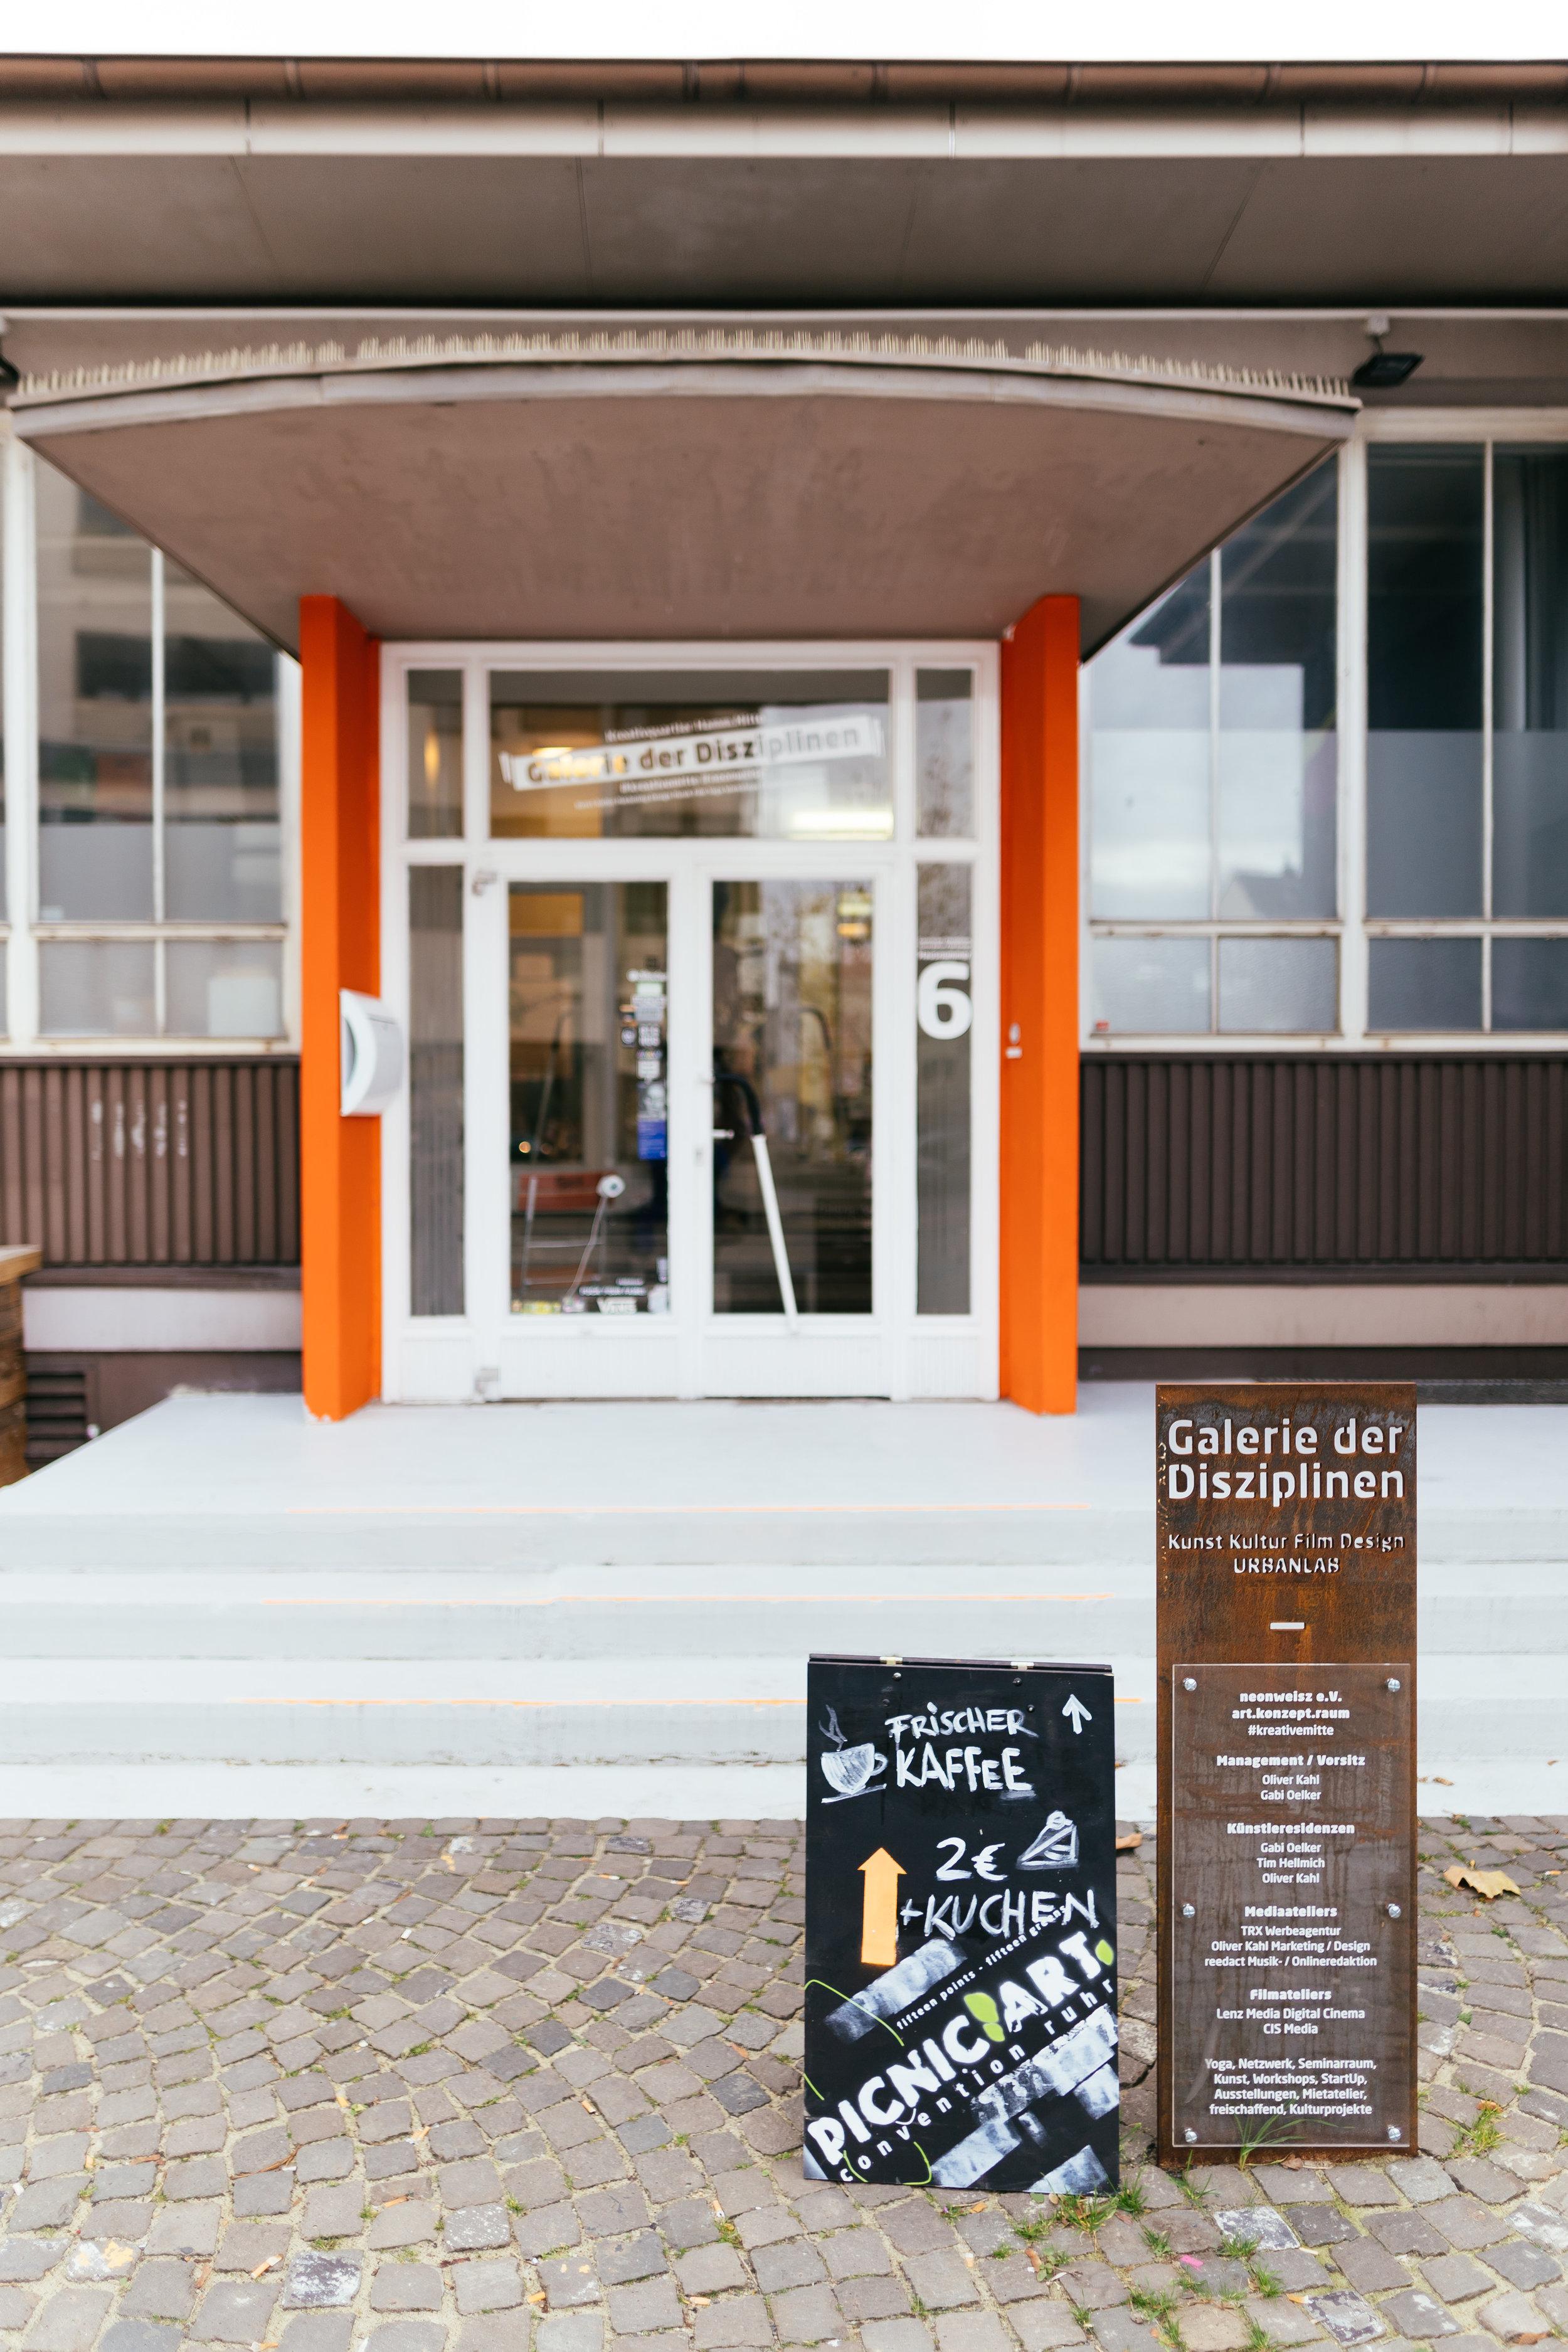 Hub für Kreativität und immer einen Besuch wert: - Die Galerie der Disziplinen!